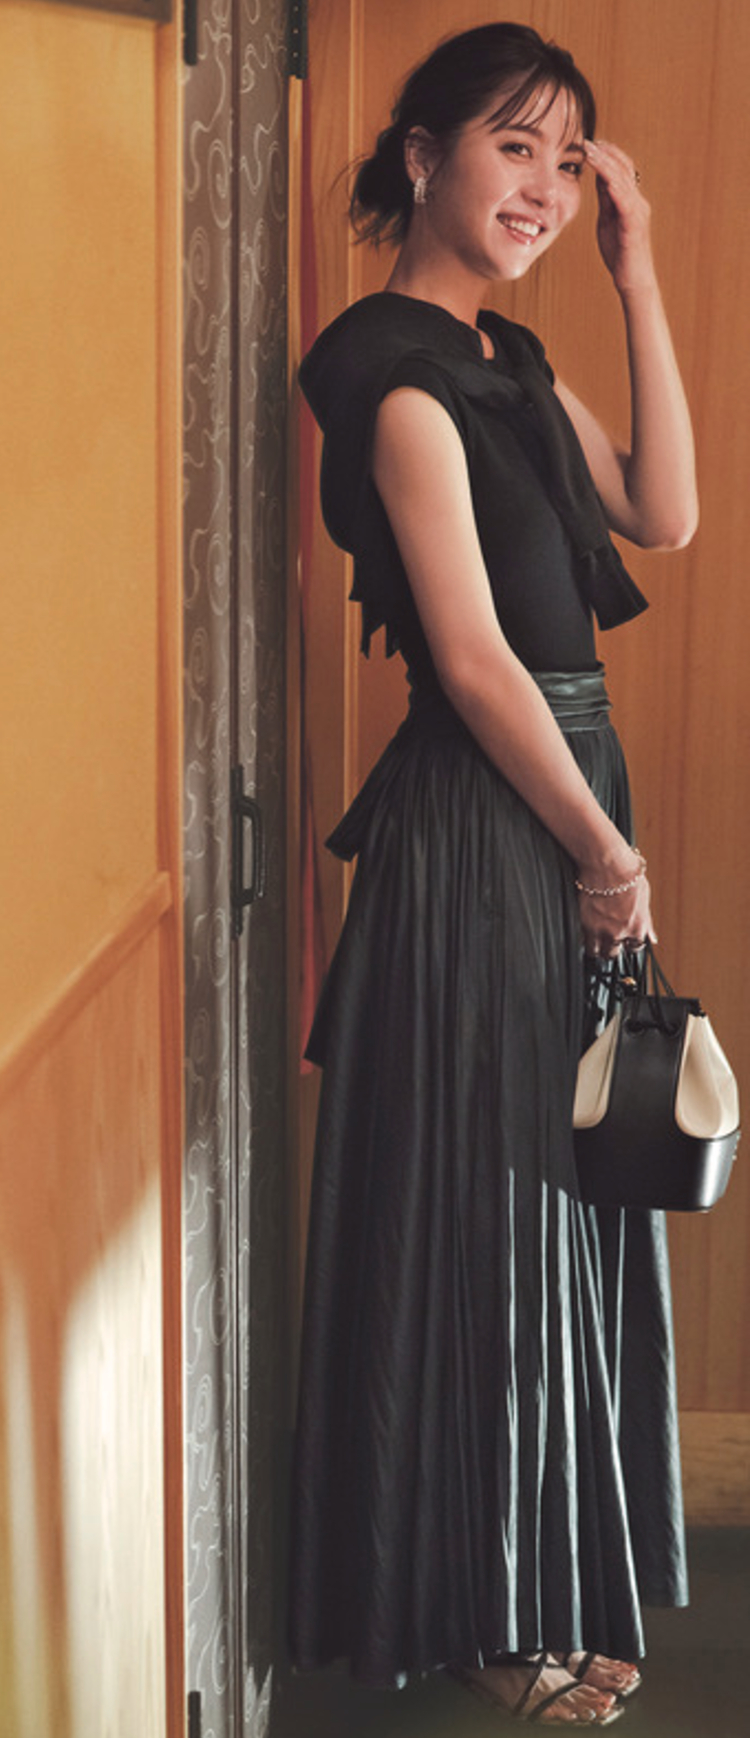 深いグリーンのロングスカートに、黒のノースリーブトップス、カーディガンを組み合わせている。手には黒と白のバッグ。